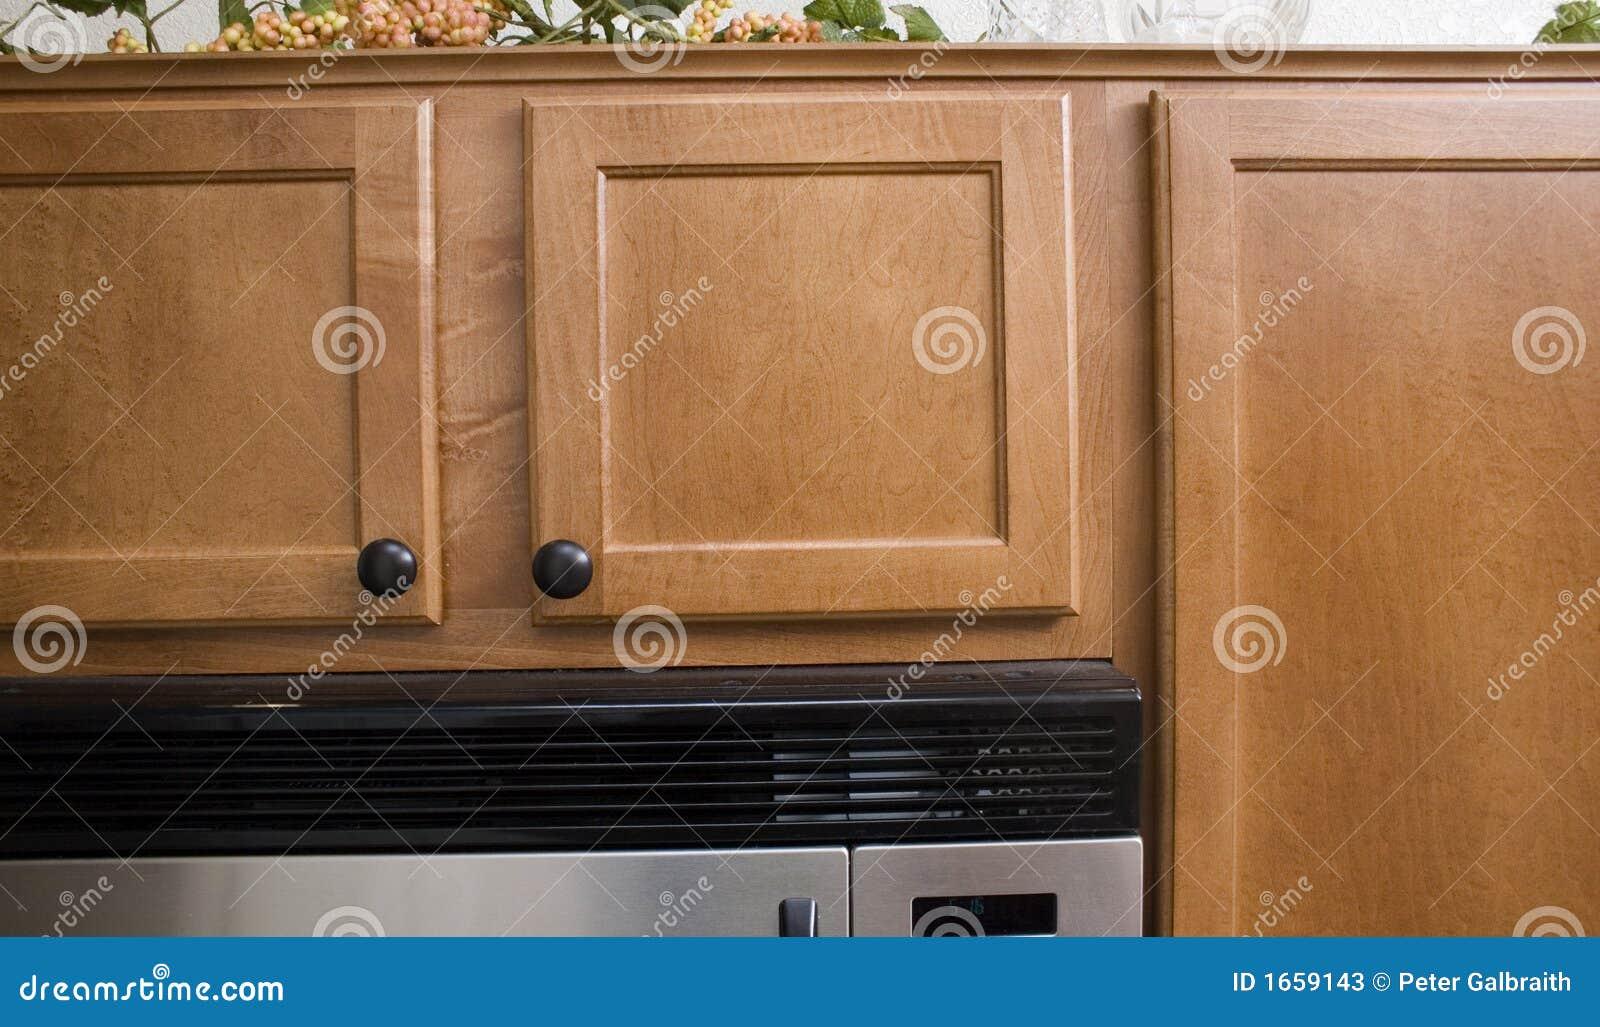 Gabinetes modernos imagem de stock imagem de limpo for Gabinetes modernos